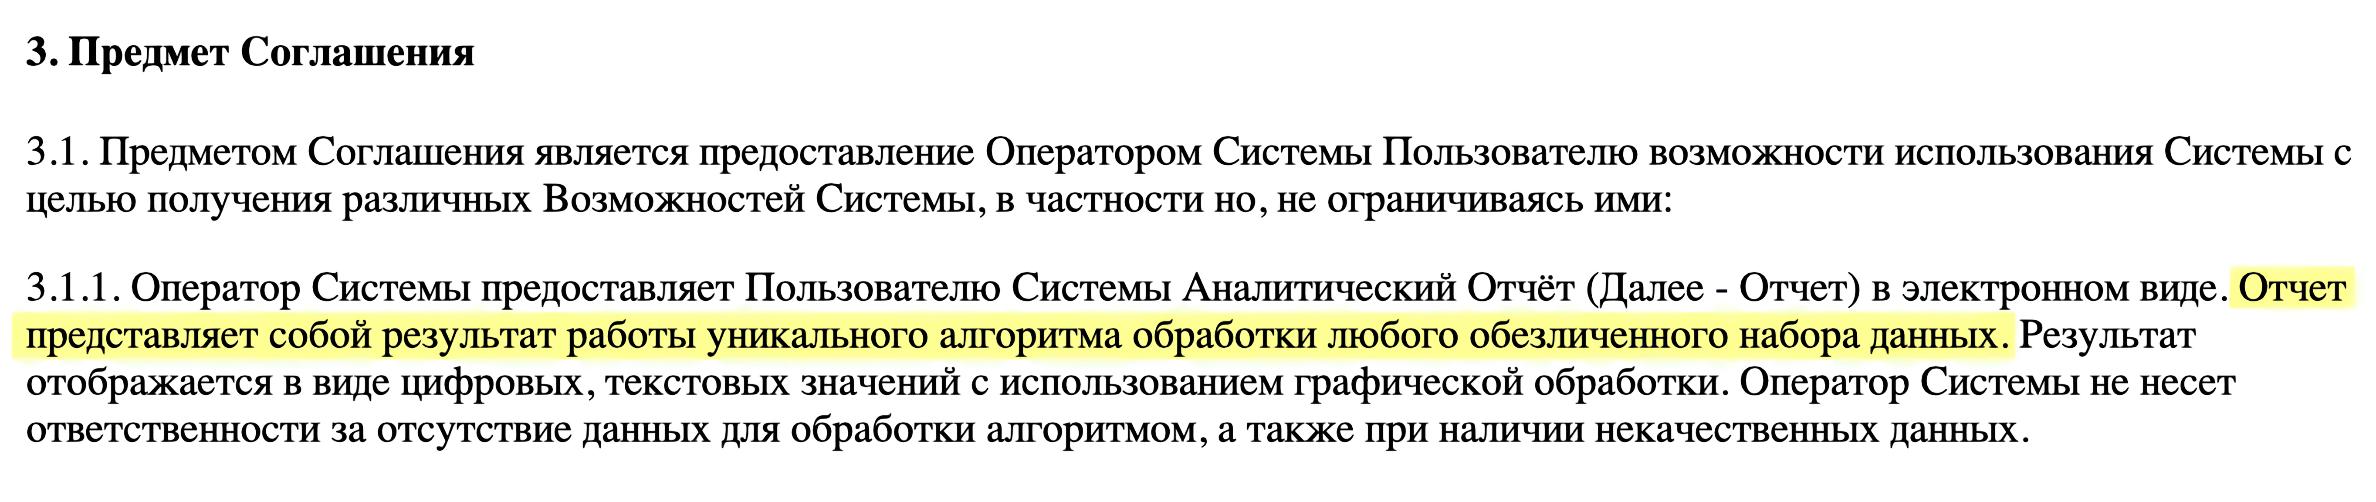 Еще меньше информации содержится в документе, названном офертой: судя по нему, пользователь получает некий отчет, суть которого не раскрывается